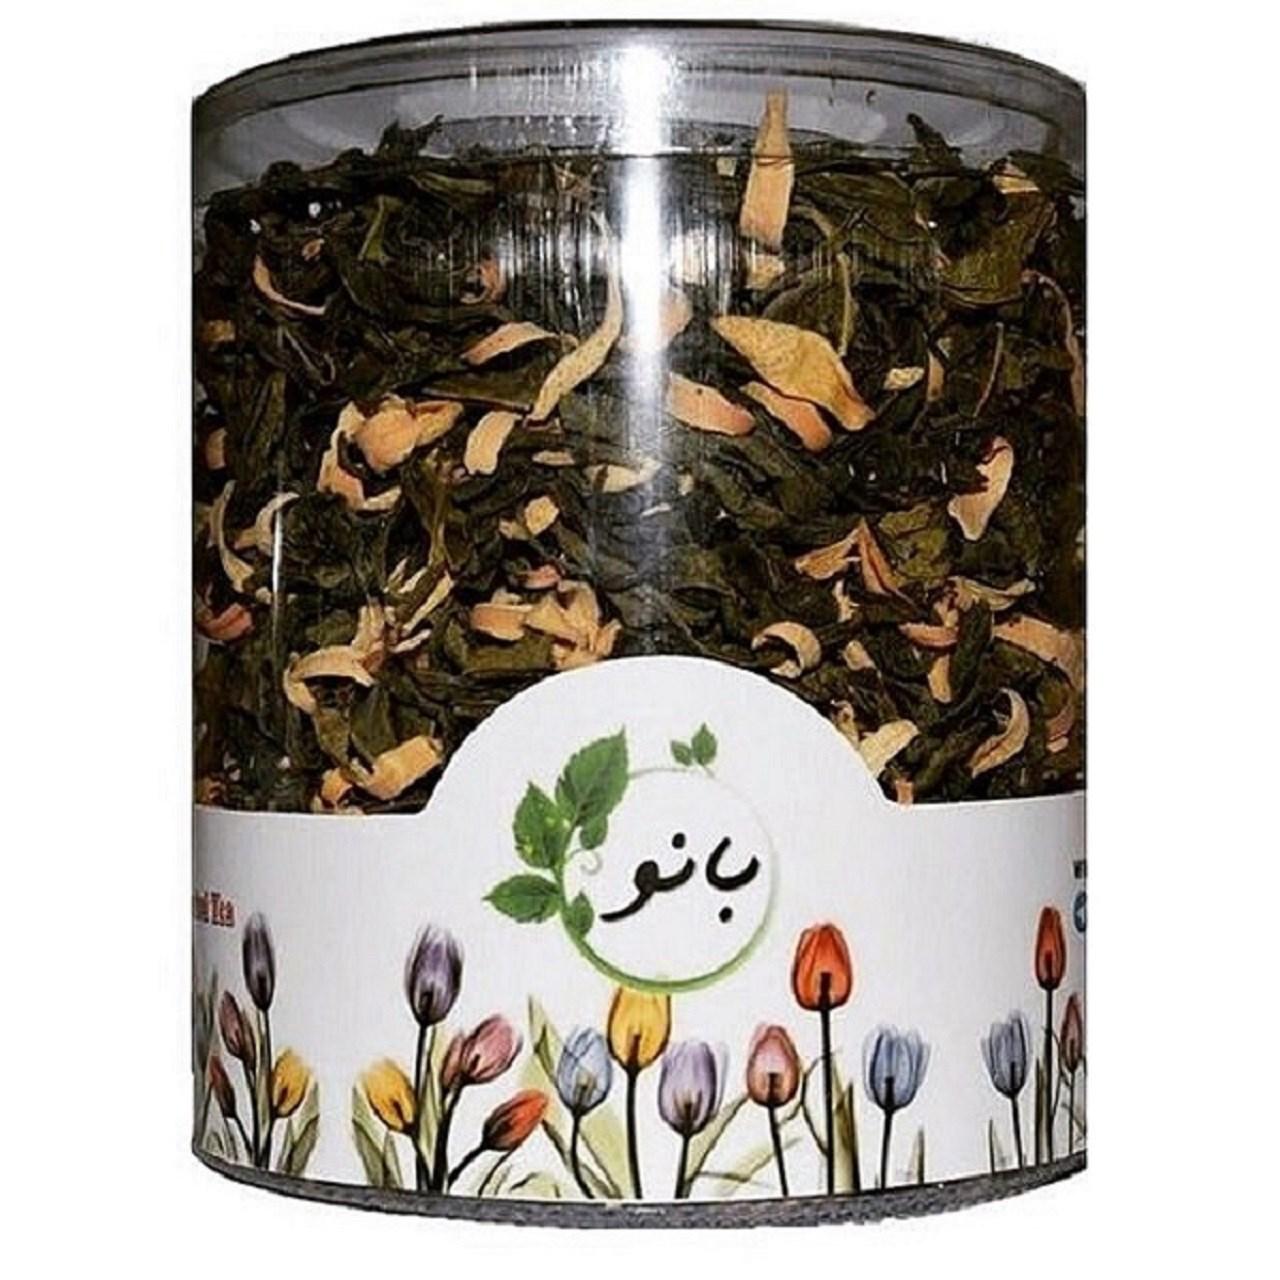 قوطی دمنوش ترکیبی بانو مدل چای سبز و بهارنارنج